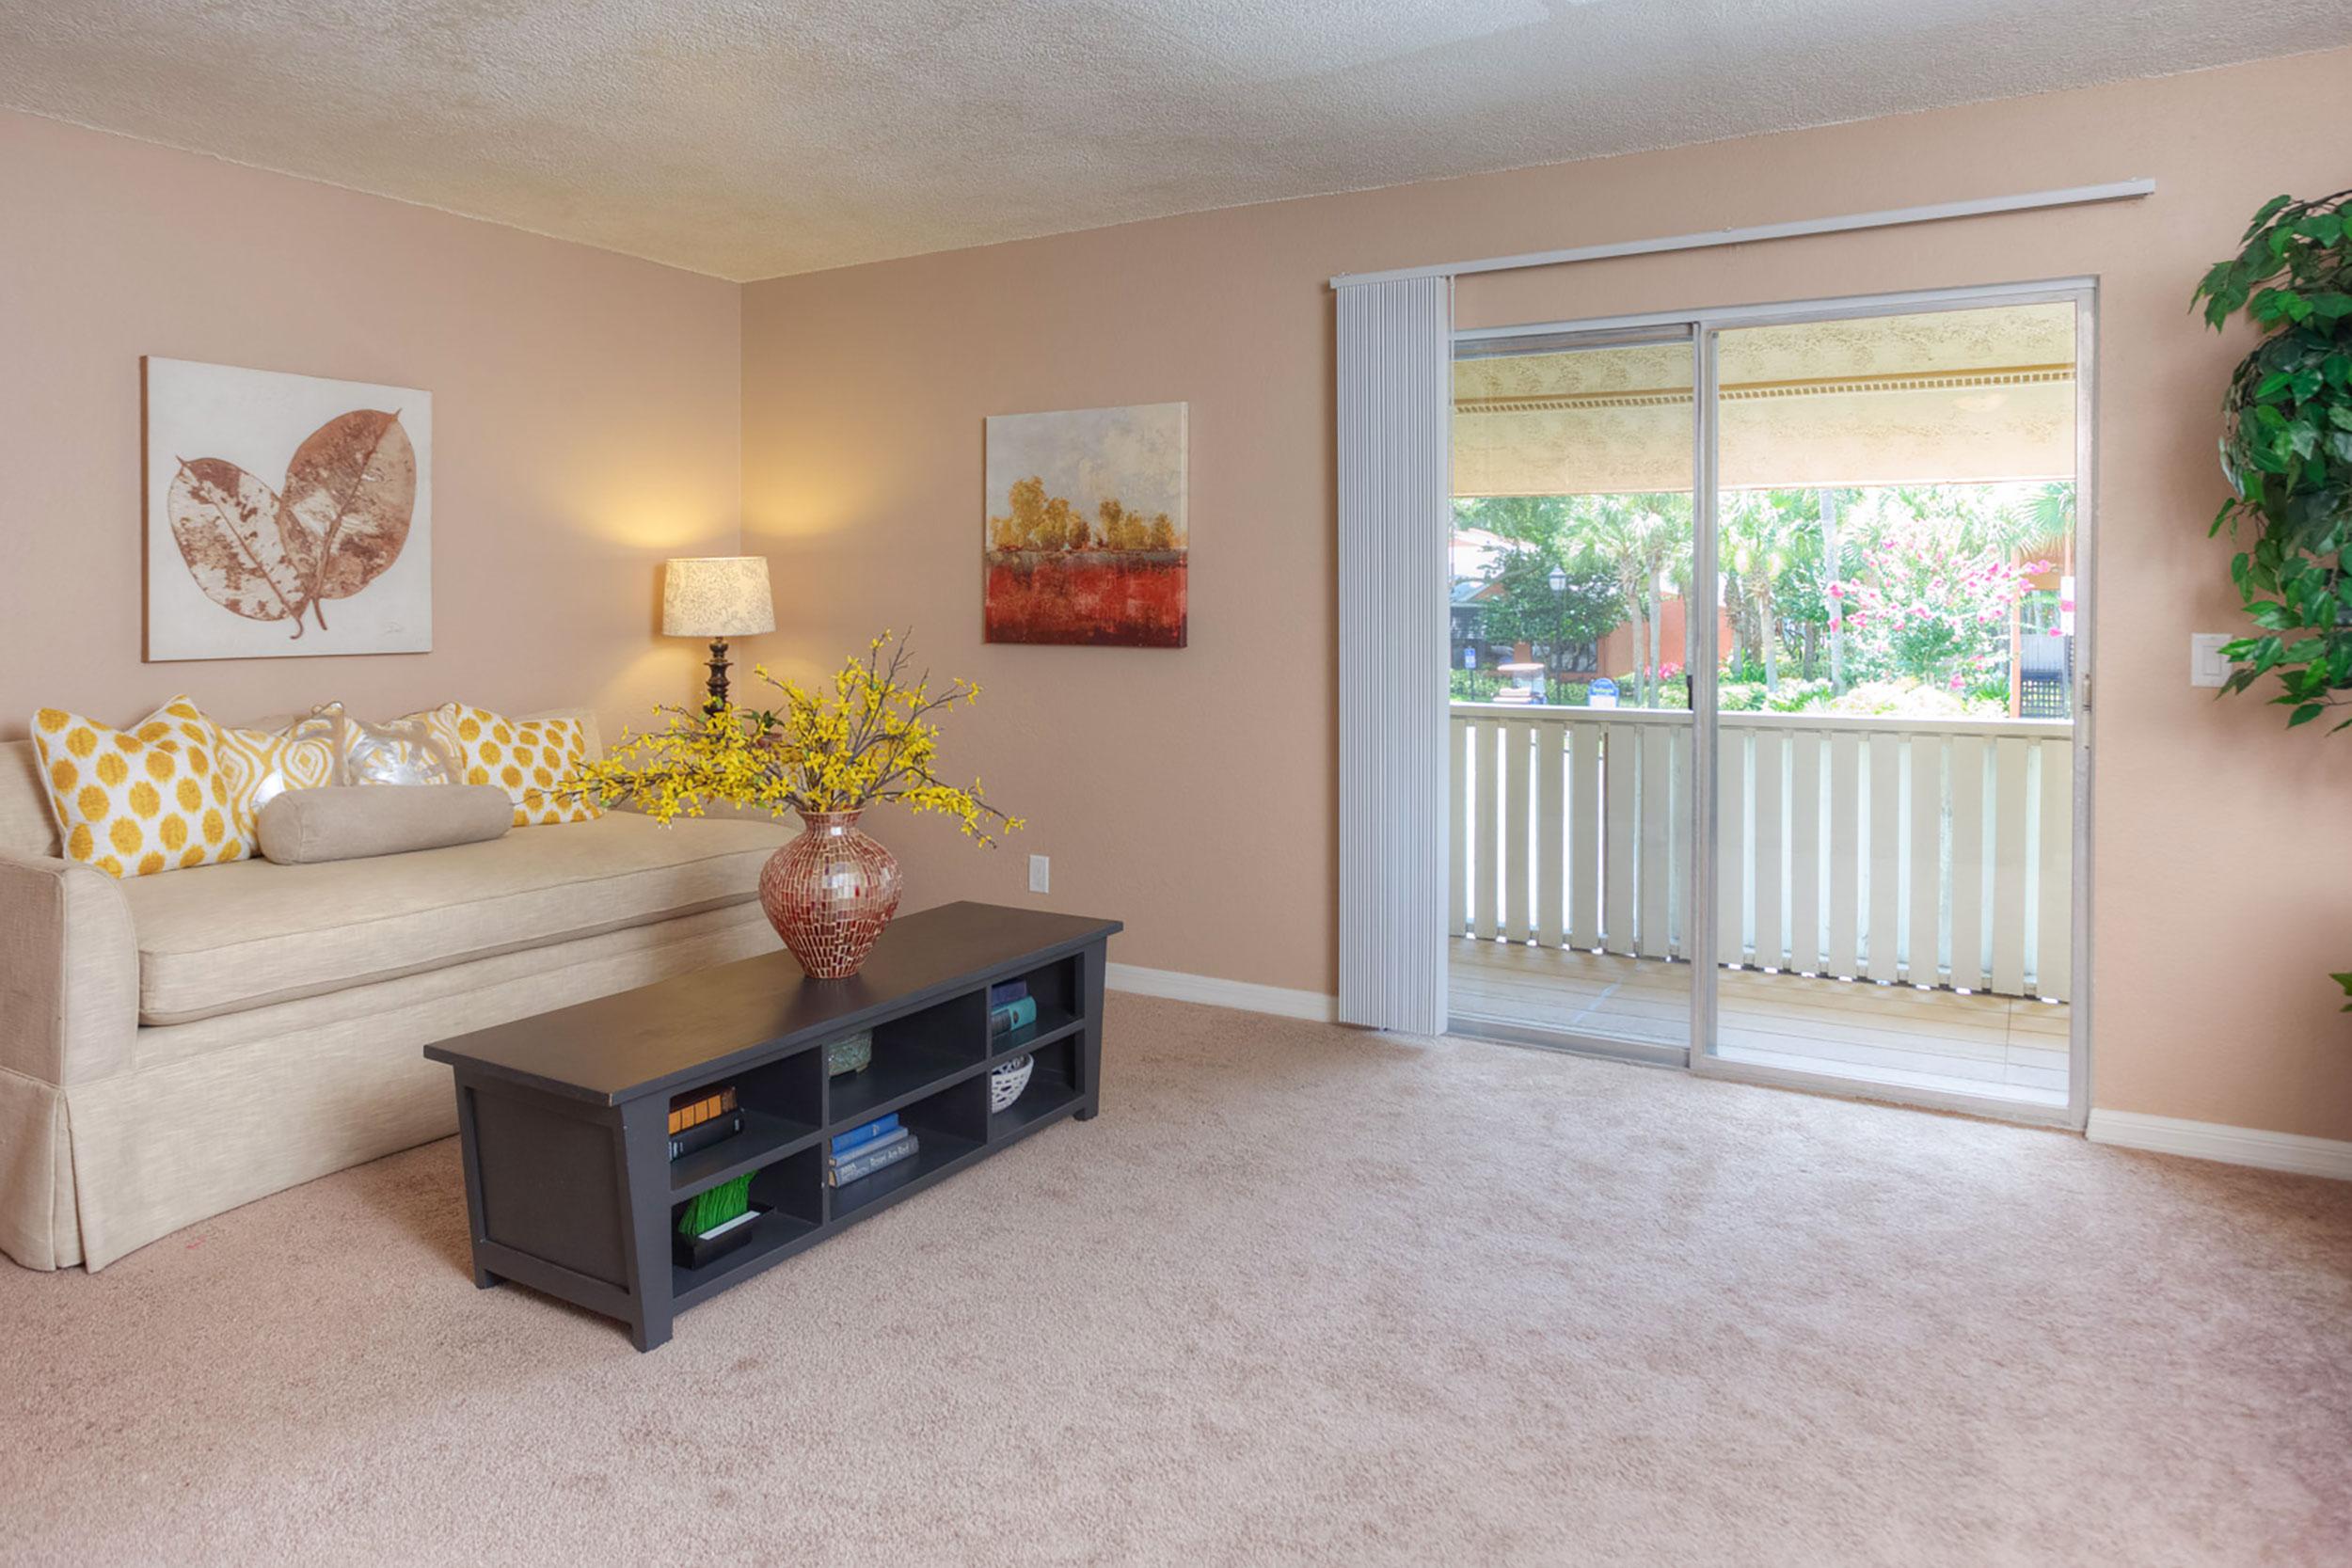 Bl-living-room